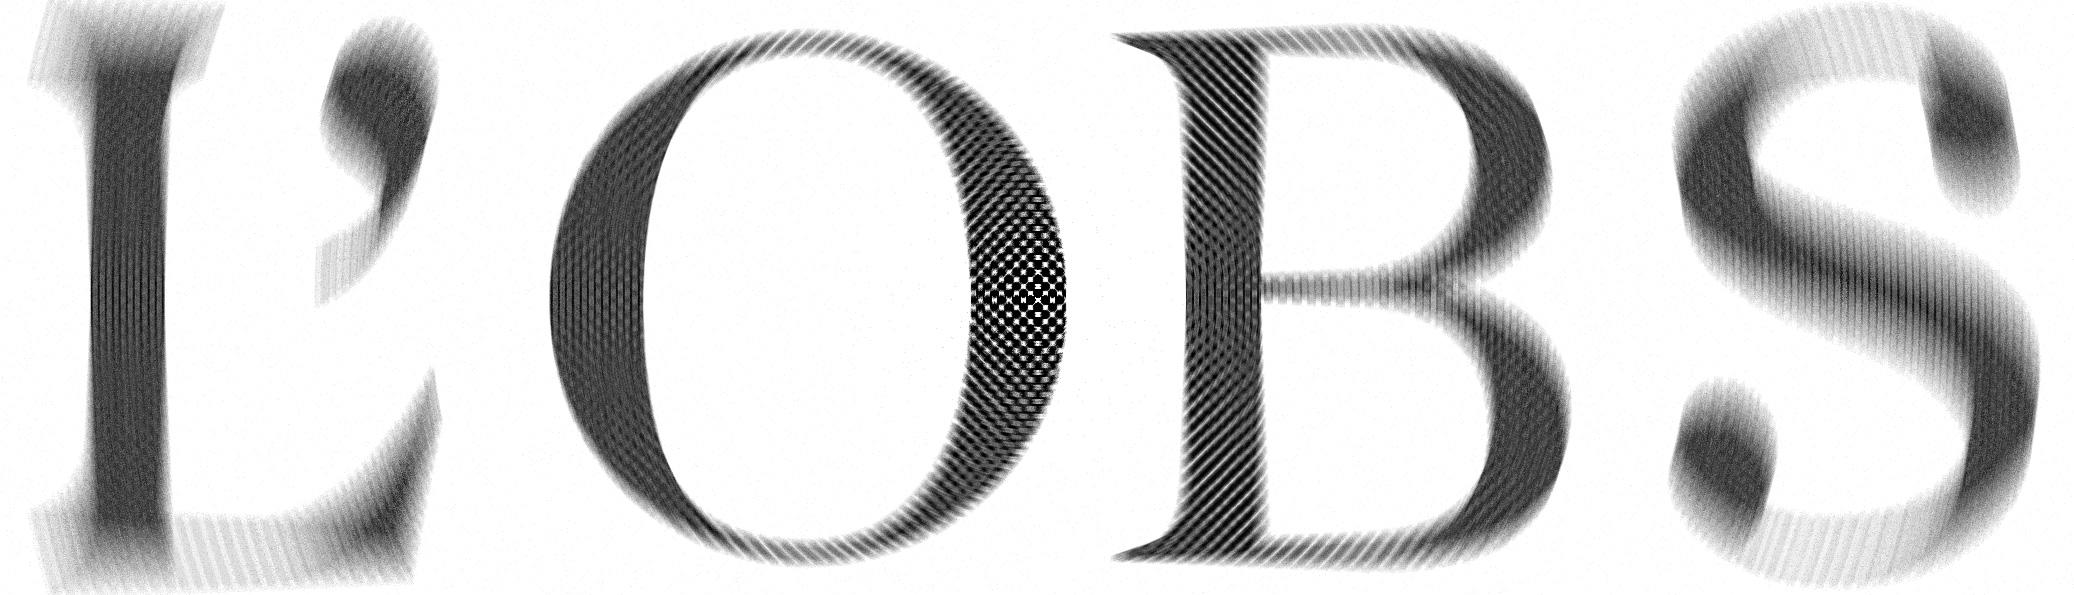 Terrain mineurs : la presse en parle